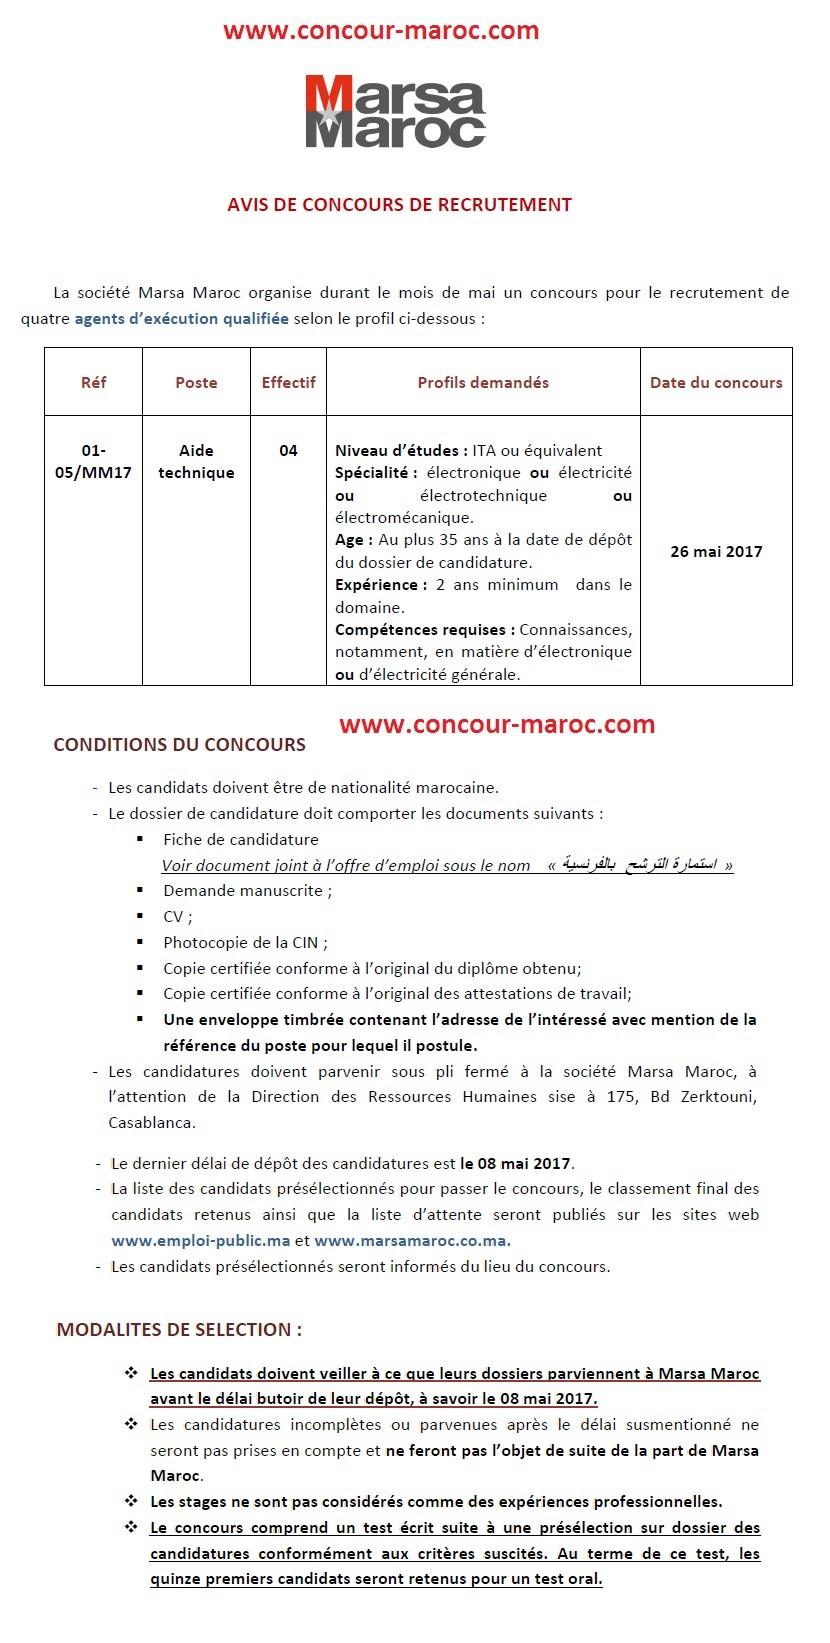 شركة استغلال الموانئ (مرسى ماروك) : مباراة لتوظيف مساعد تقني Aide technique (4 مناصب) آخر أجل لإيداع الترشيحات 8 ماي 2017 Concou72